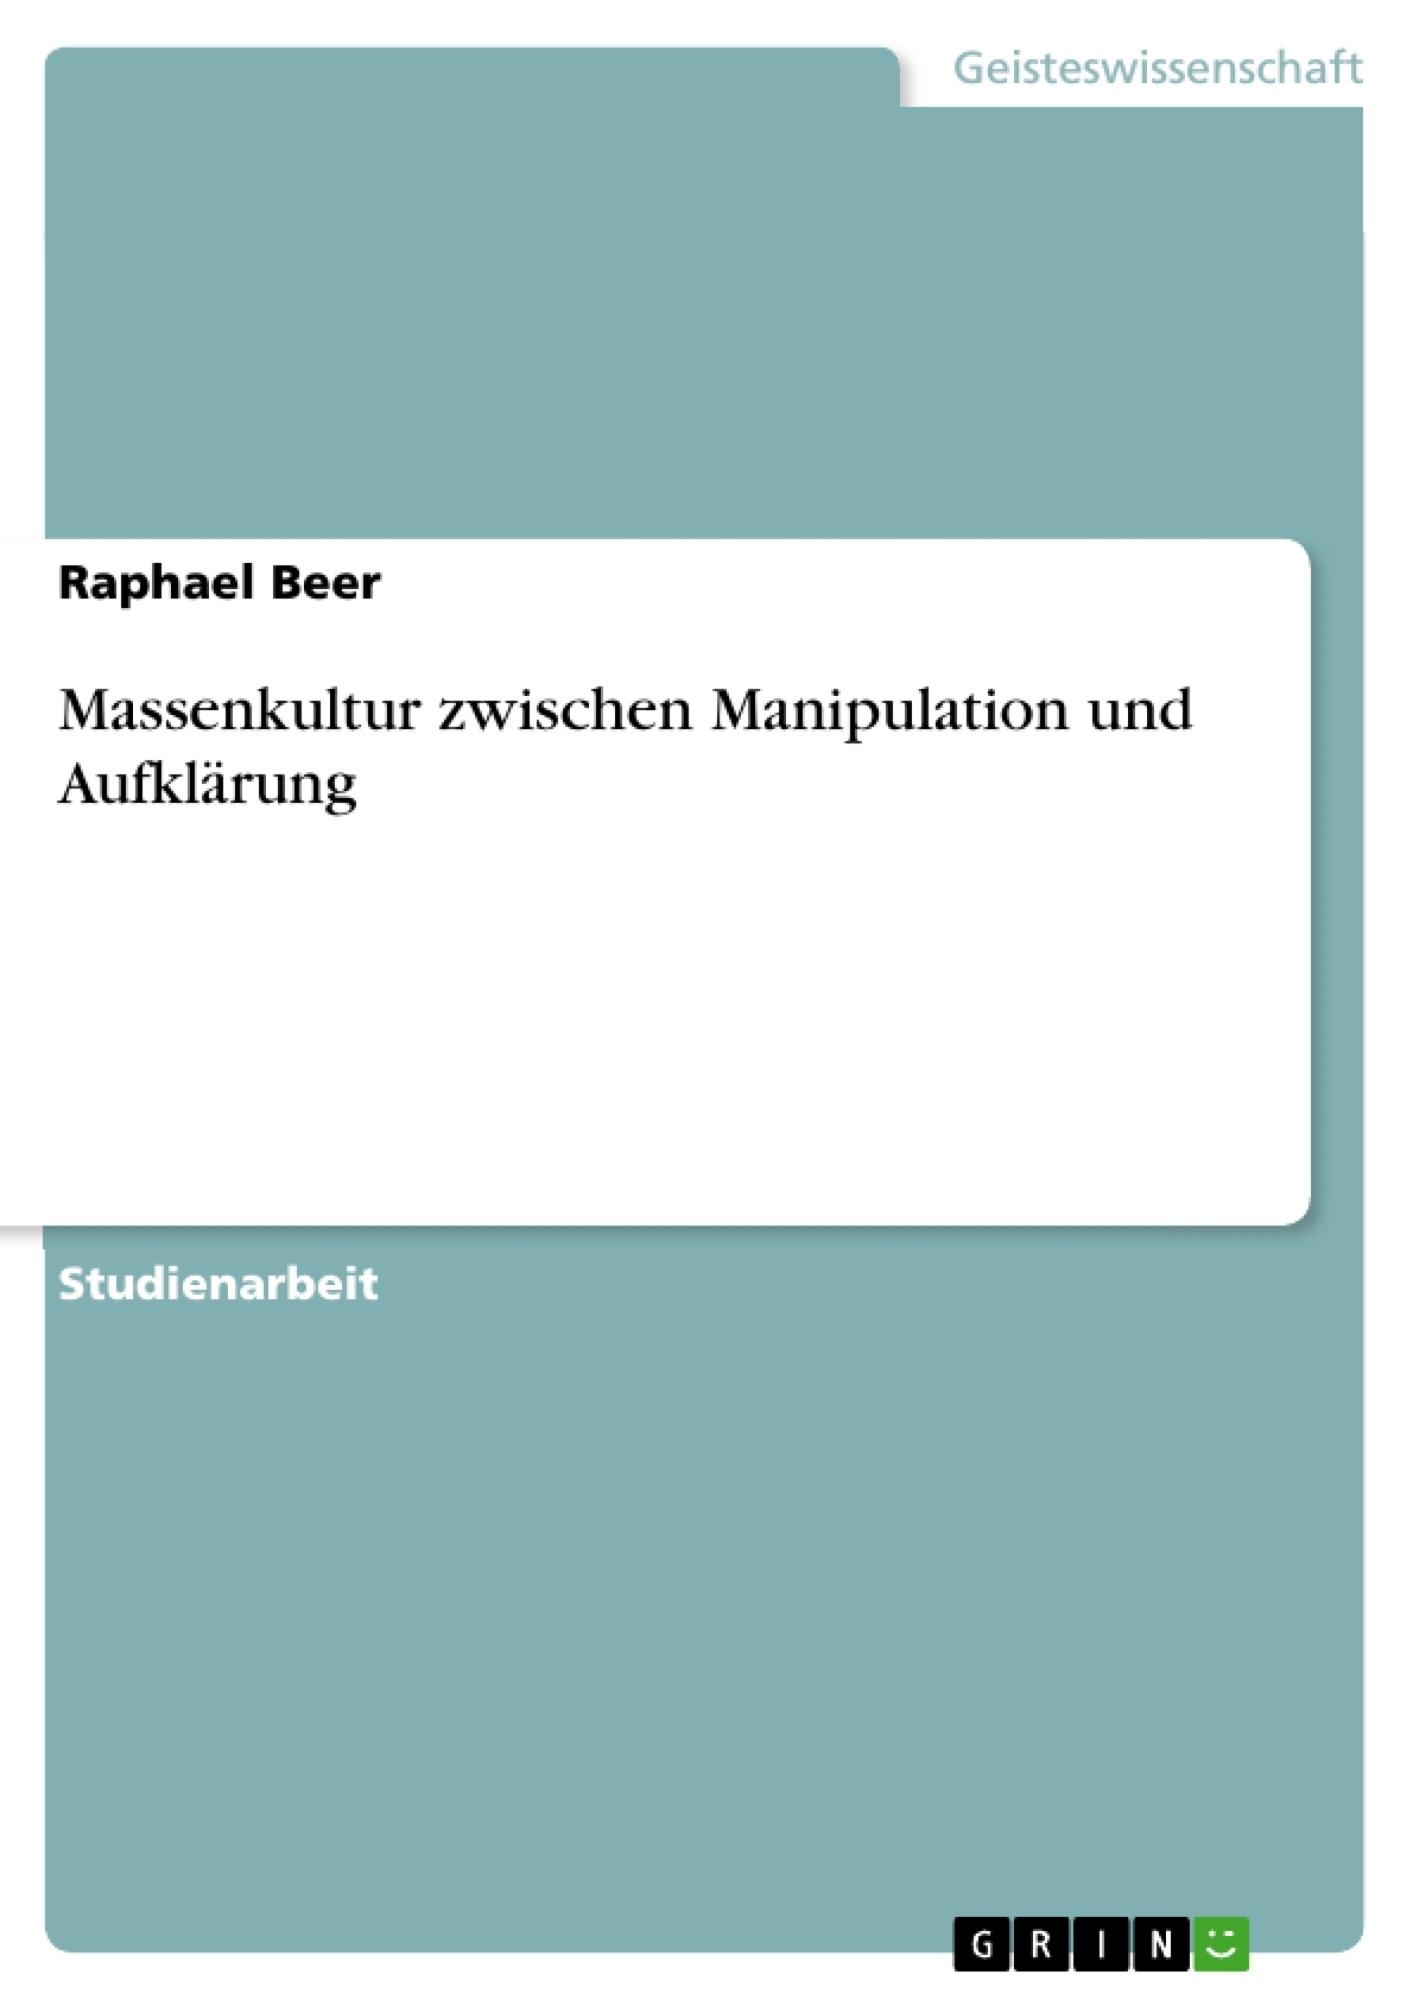 Titel: Massenkultur zwischen Manipulation und Aufklärung